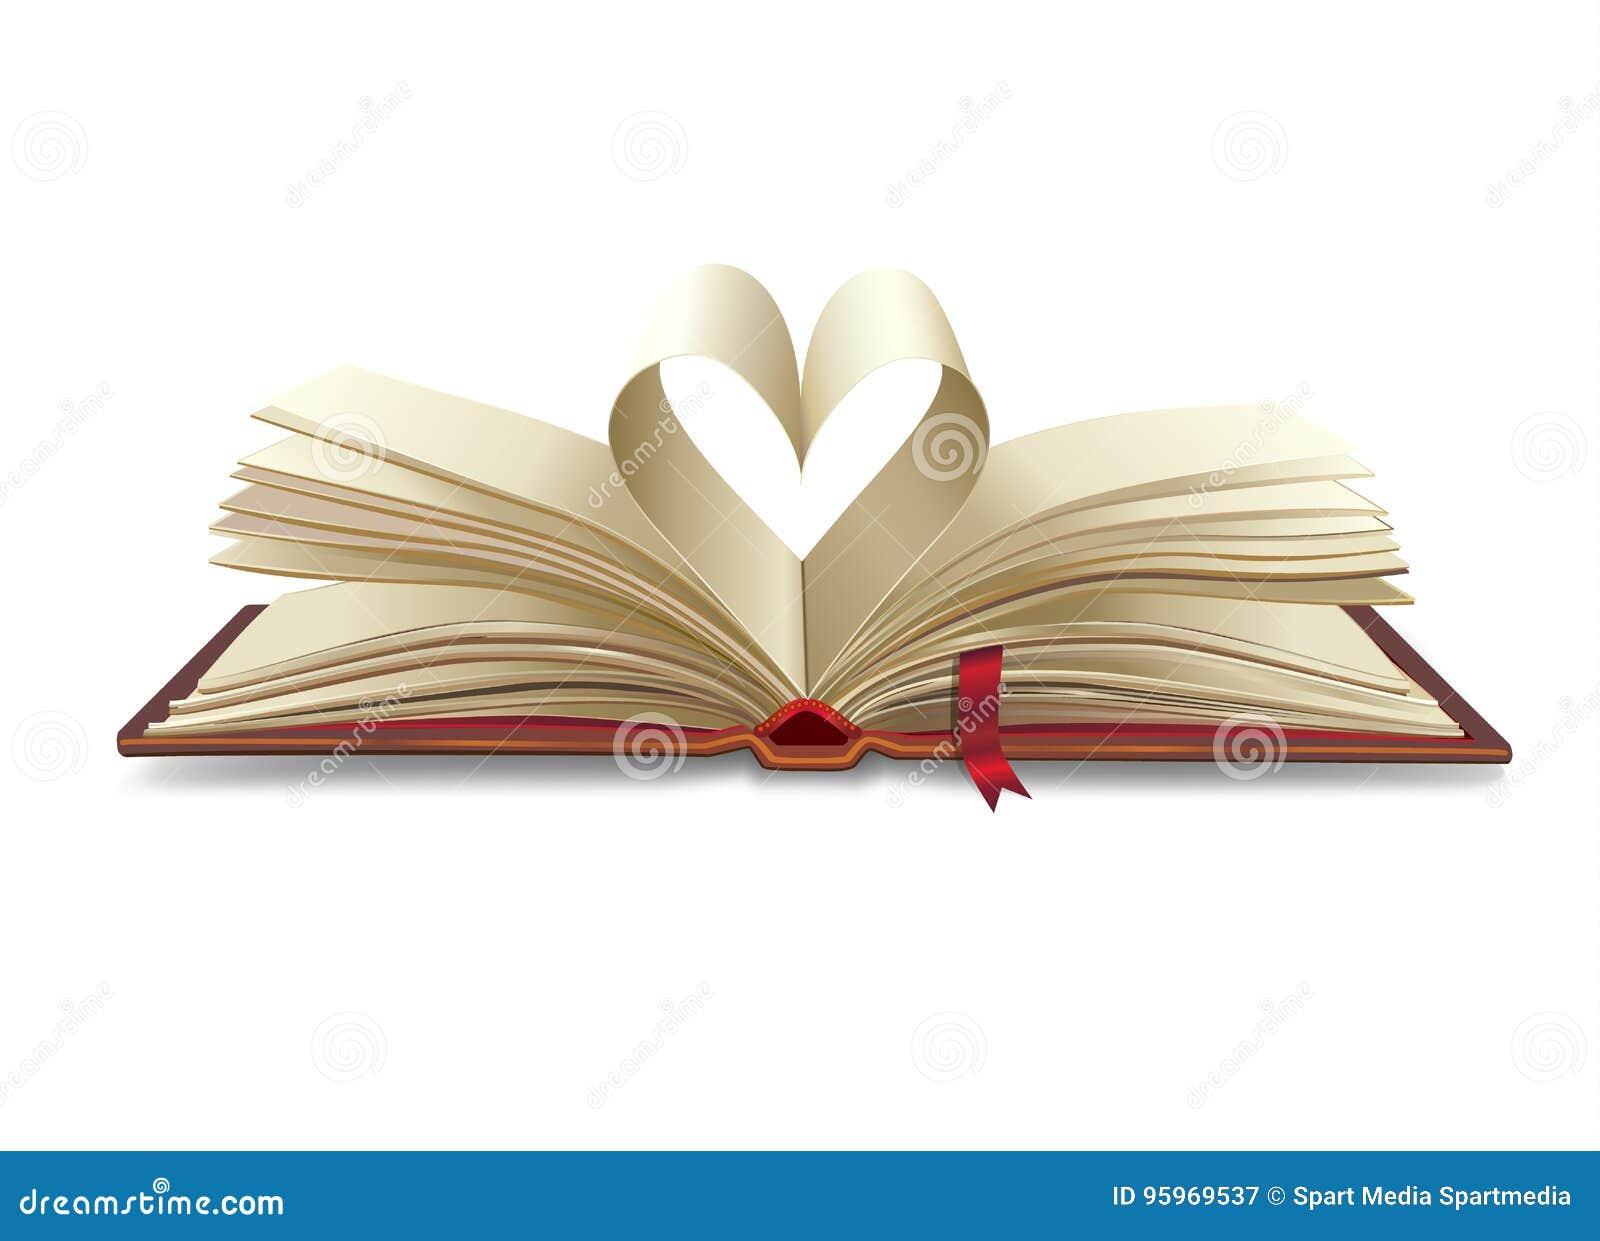 Hart open boek